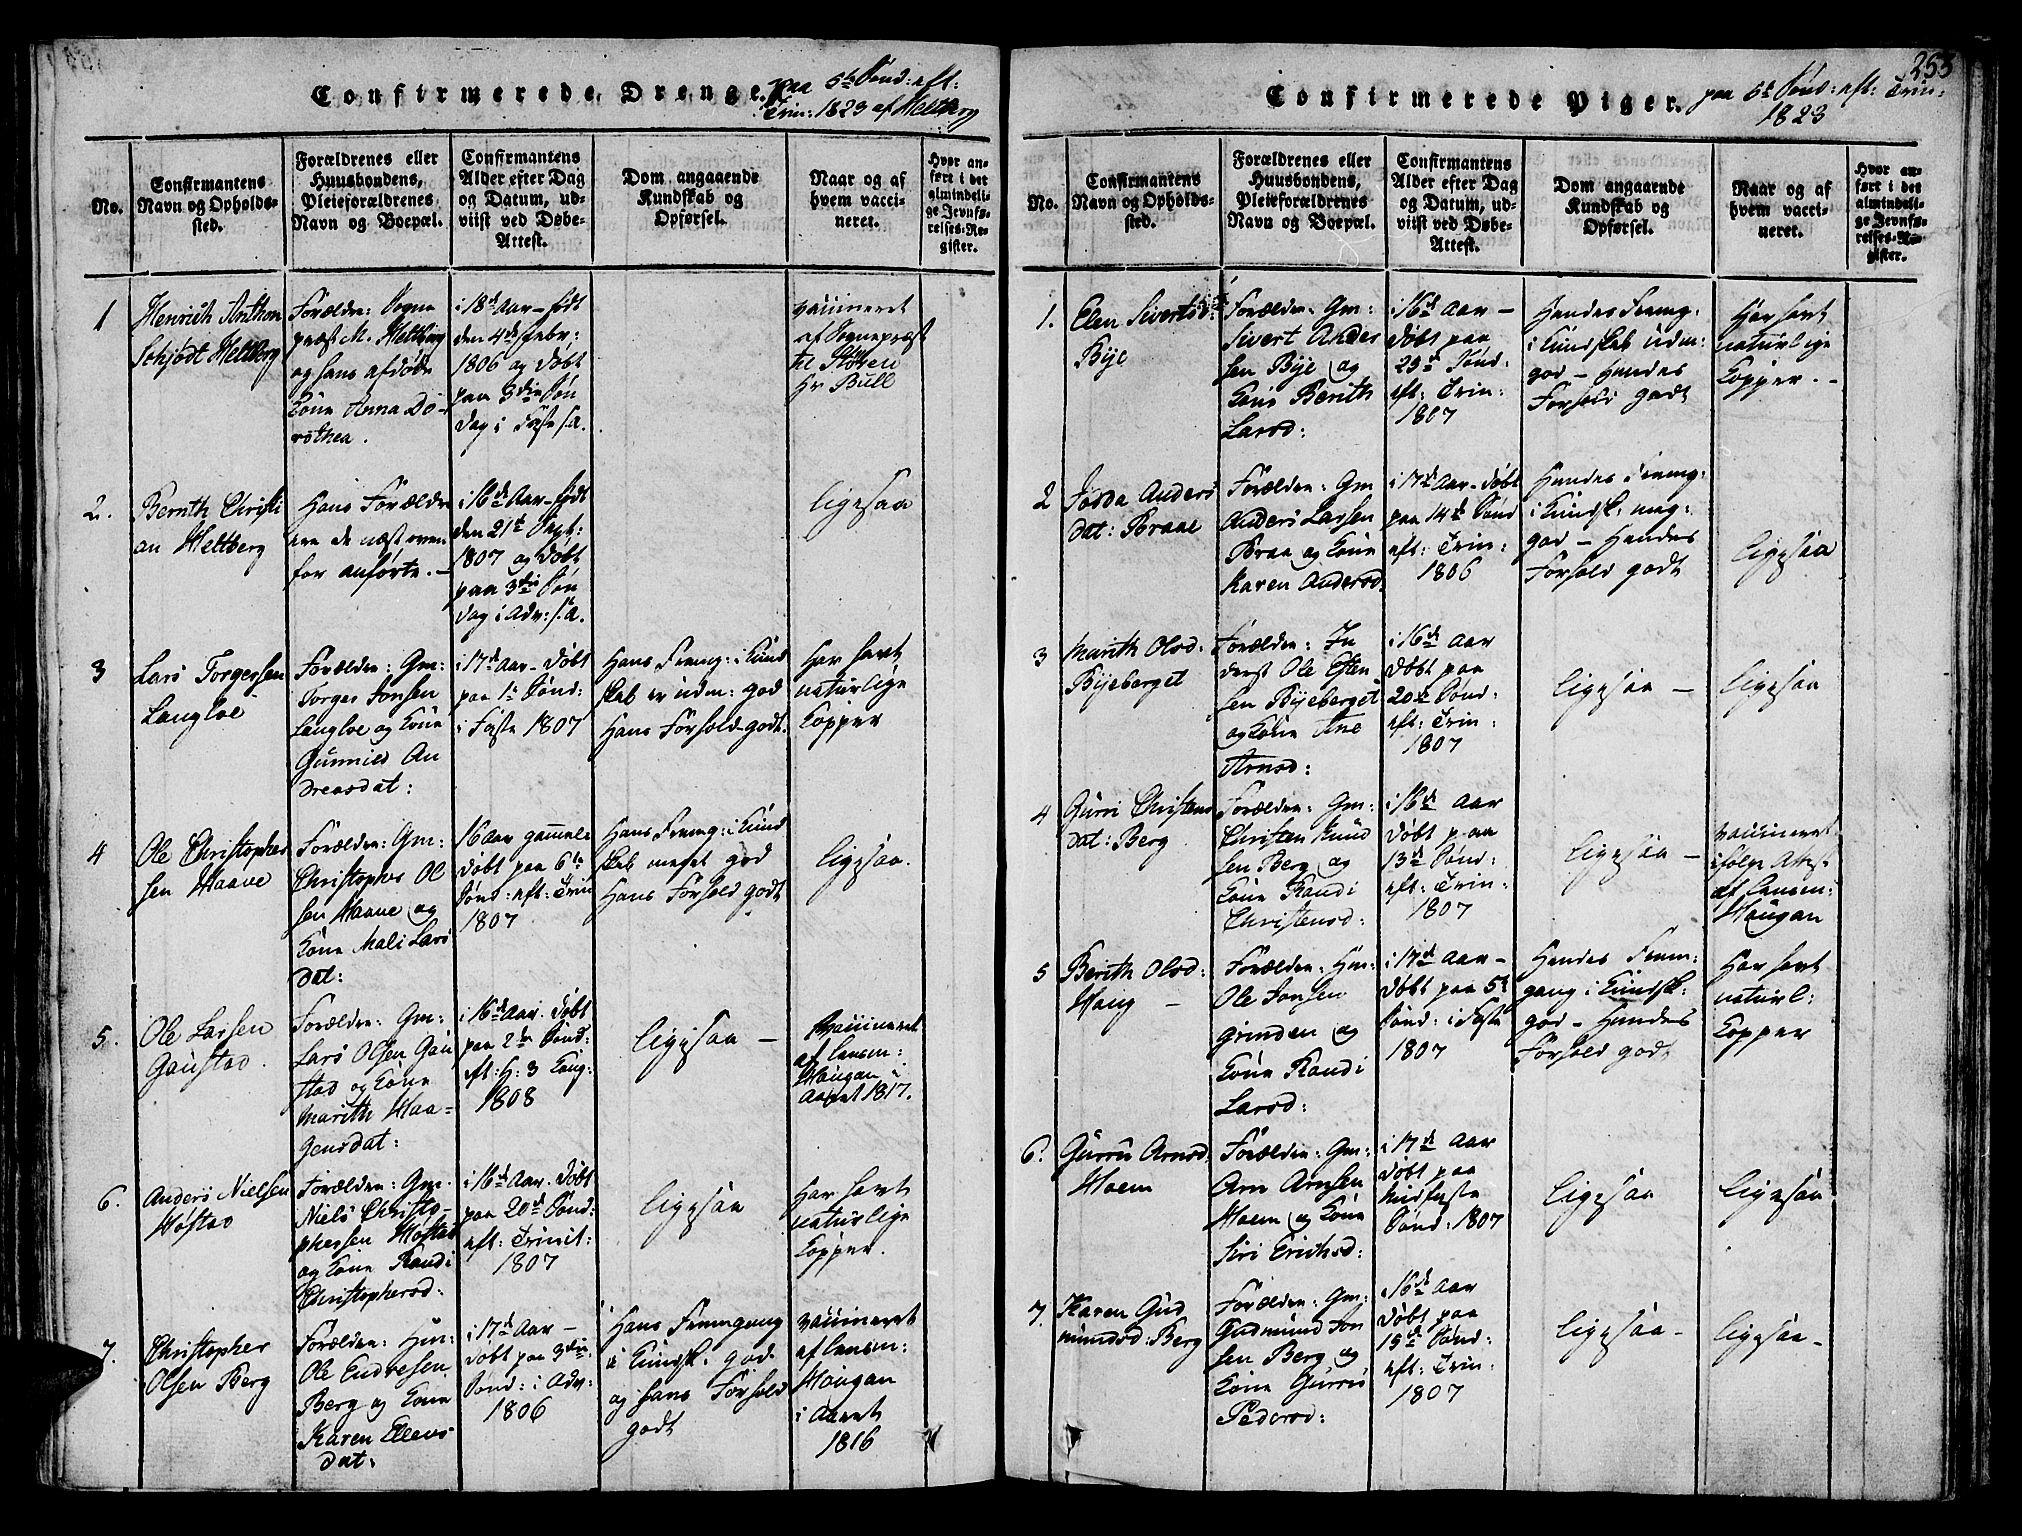 SAT, Ministerialprotokoller, klokkerbøker og fødselsregistre - Sør-Trøndelag, 612/L0372: Ministerialbok nr. 612A06 /1, 1816-1828, s. 253